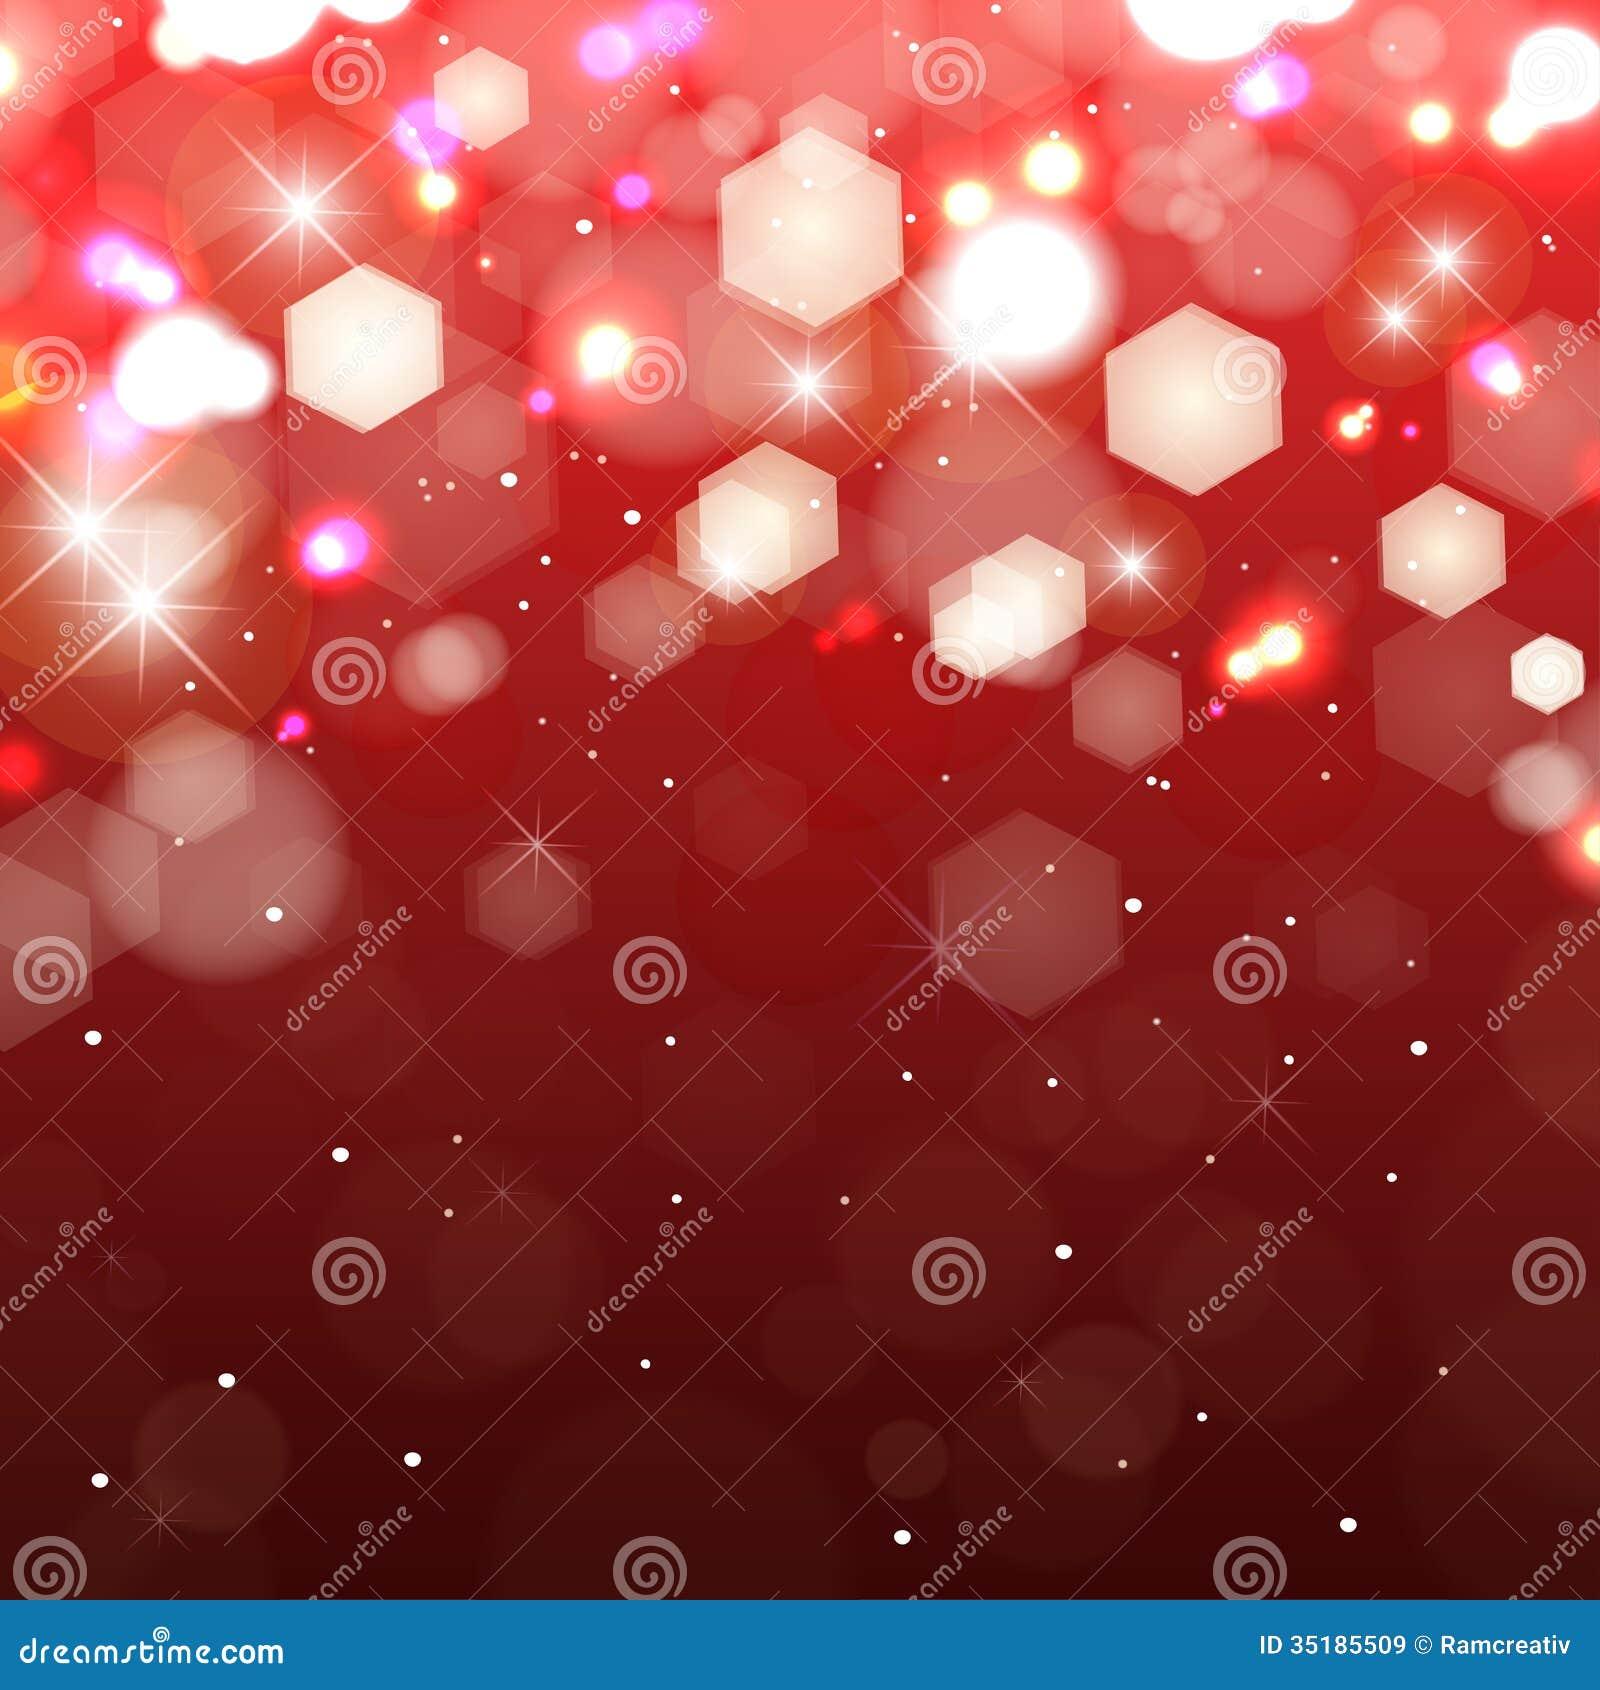 Luzes no fundo vermelho. Vislumbrando a luz colorida